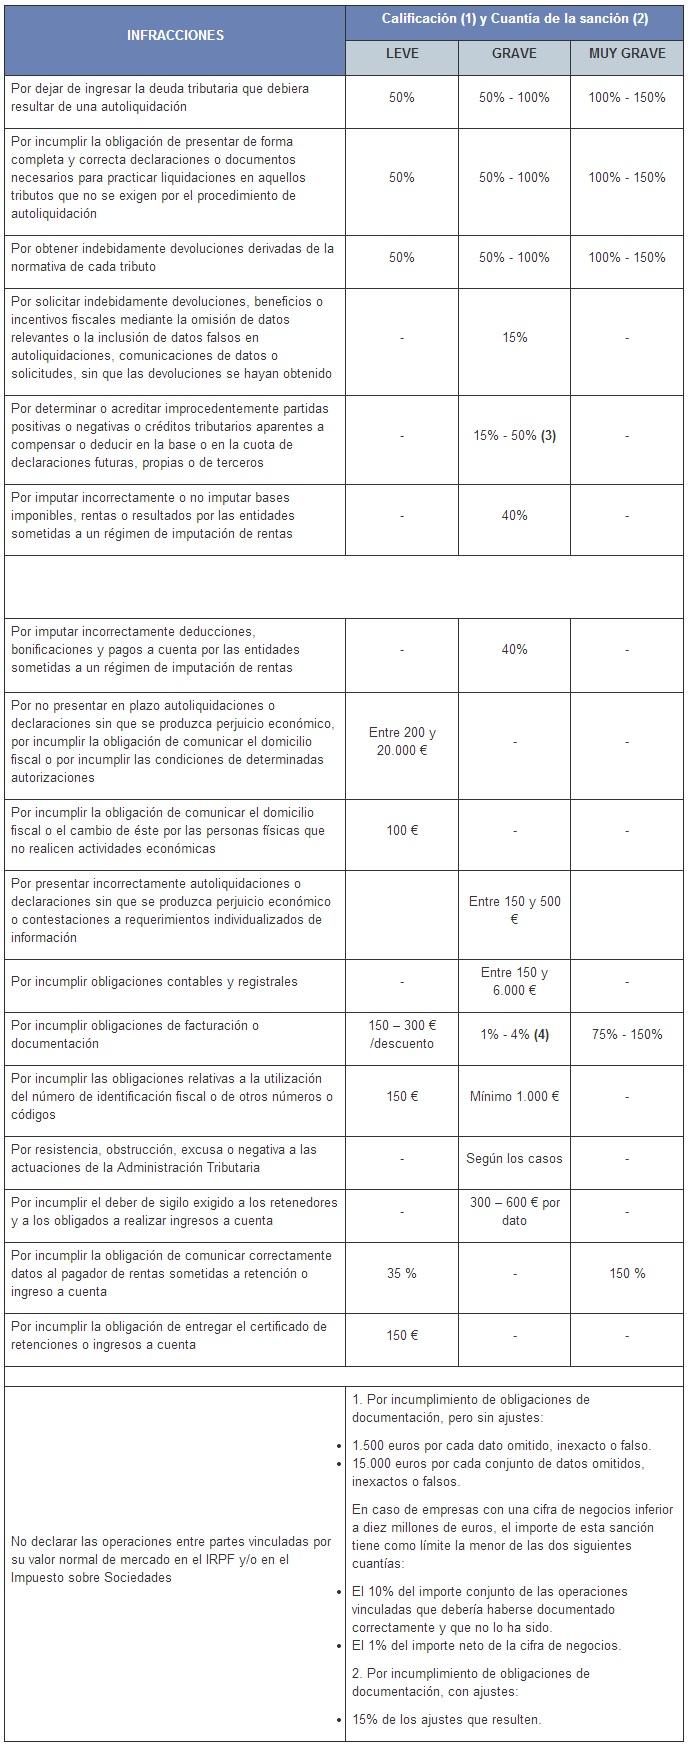 infracciones-y-sanciones-tributarias-aeat